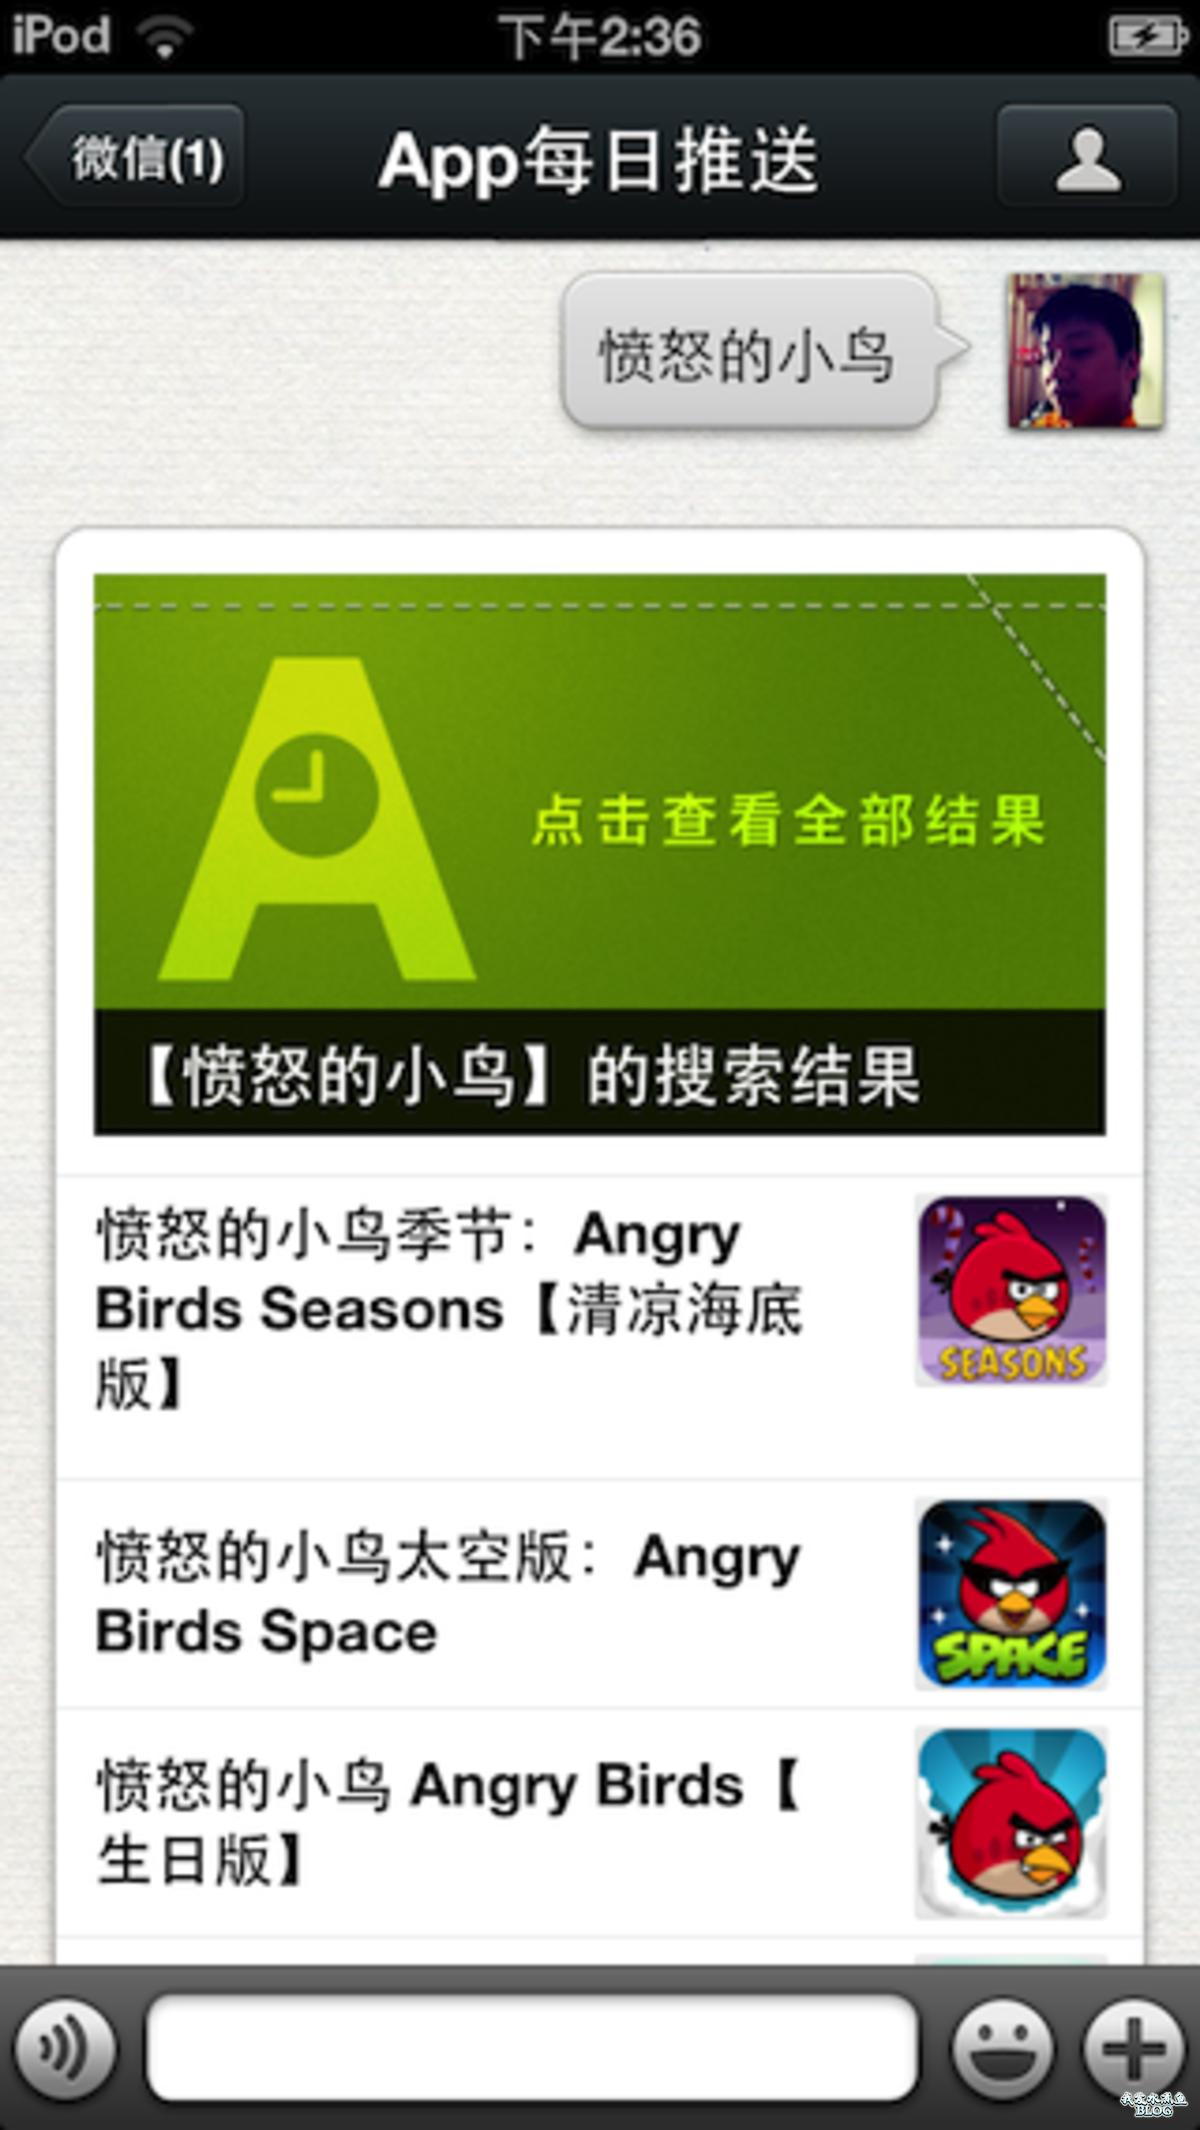 App应用推荐助手功能